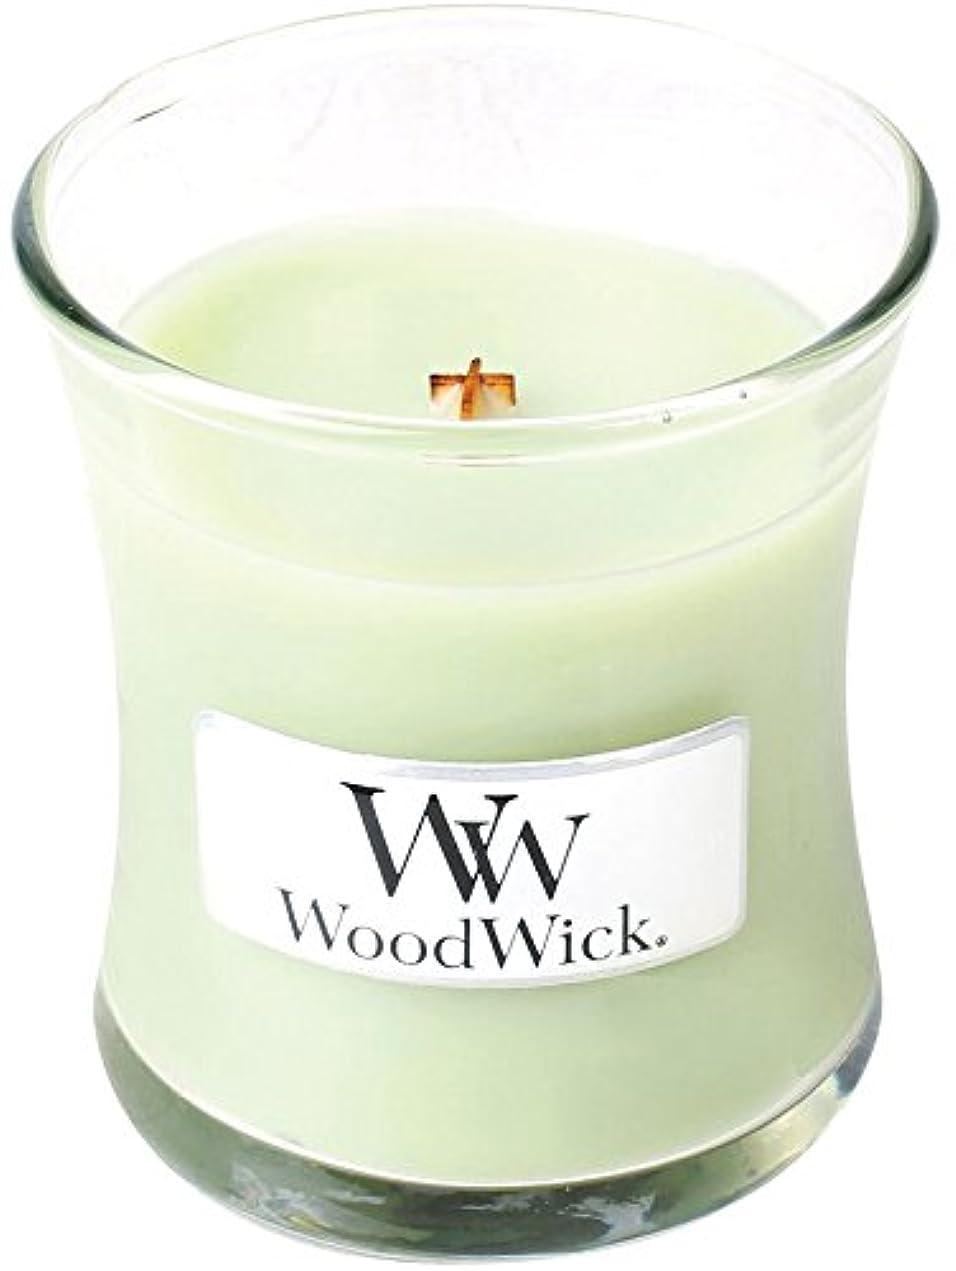 ラフ機転鑑定Wood Wick ウッドウィック ジャーキャンドルSサイズ ライムジェラー